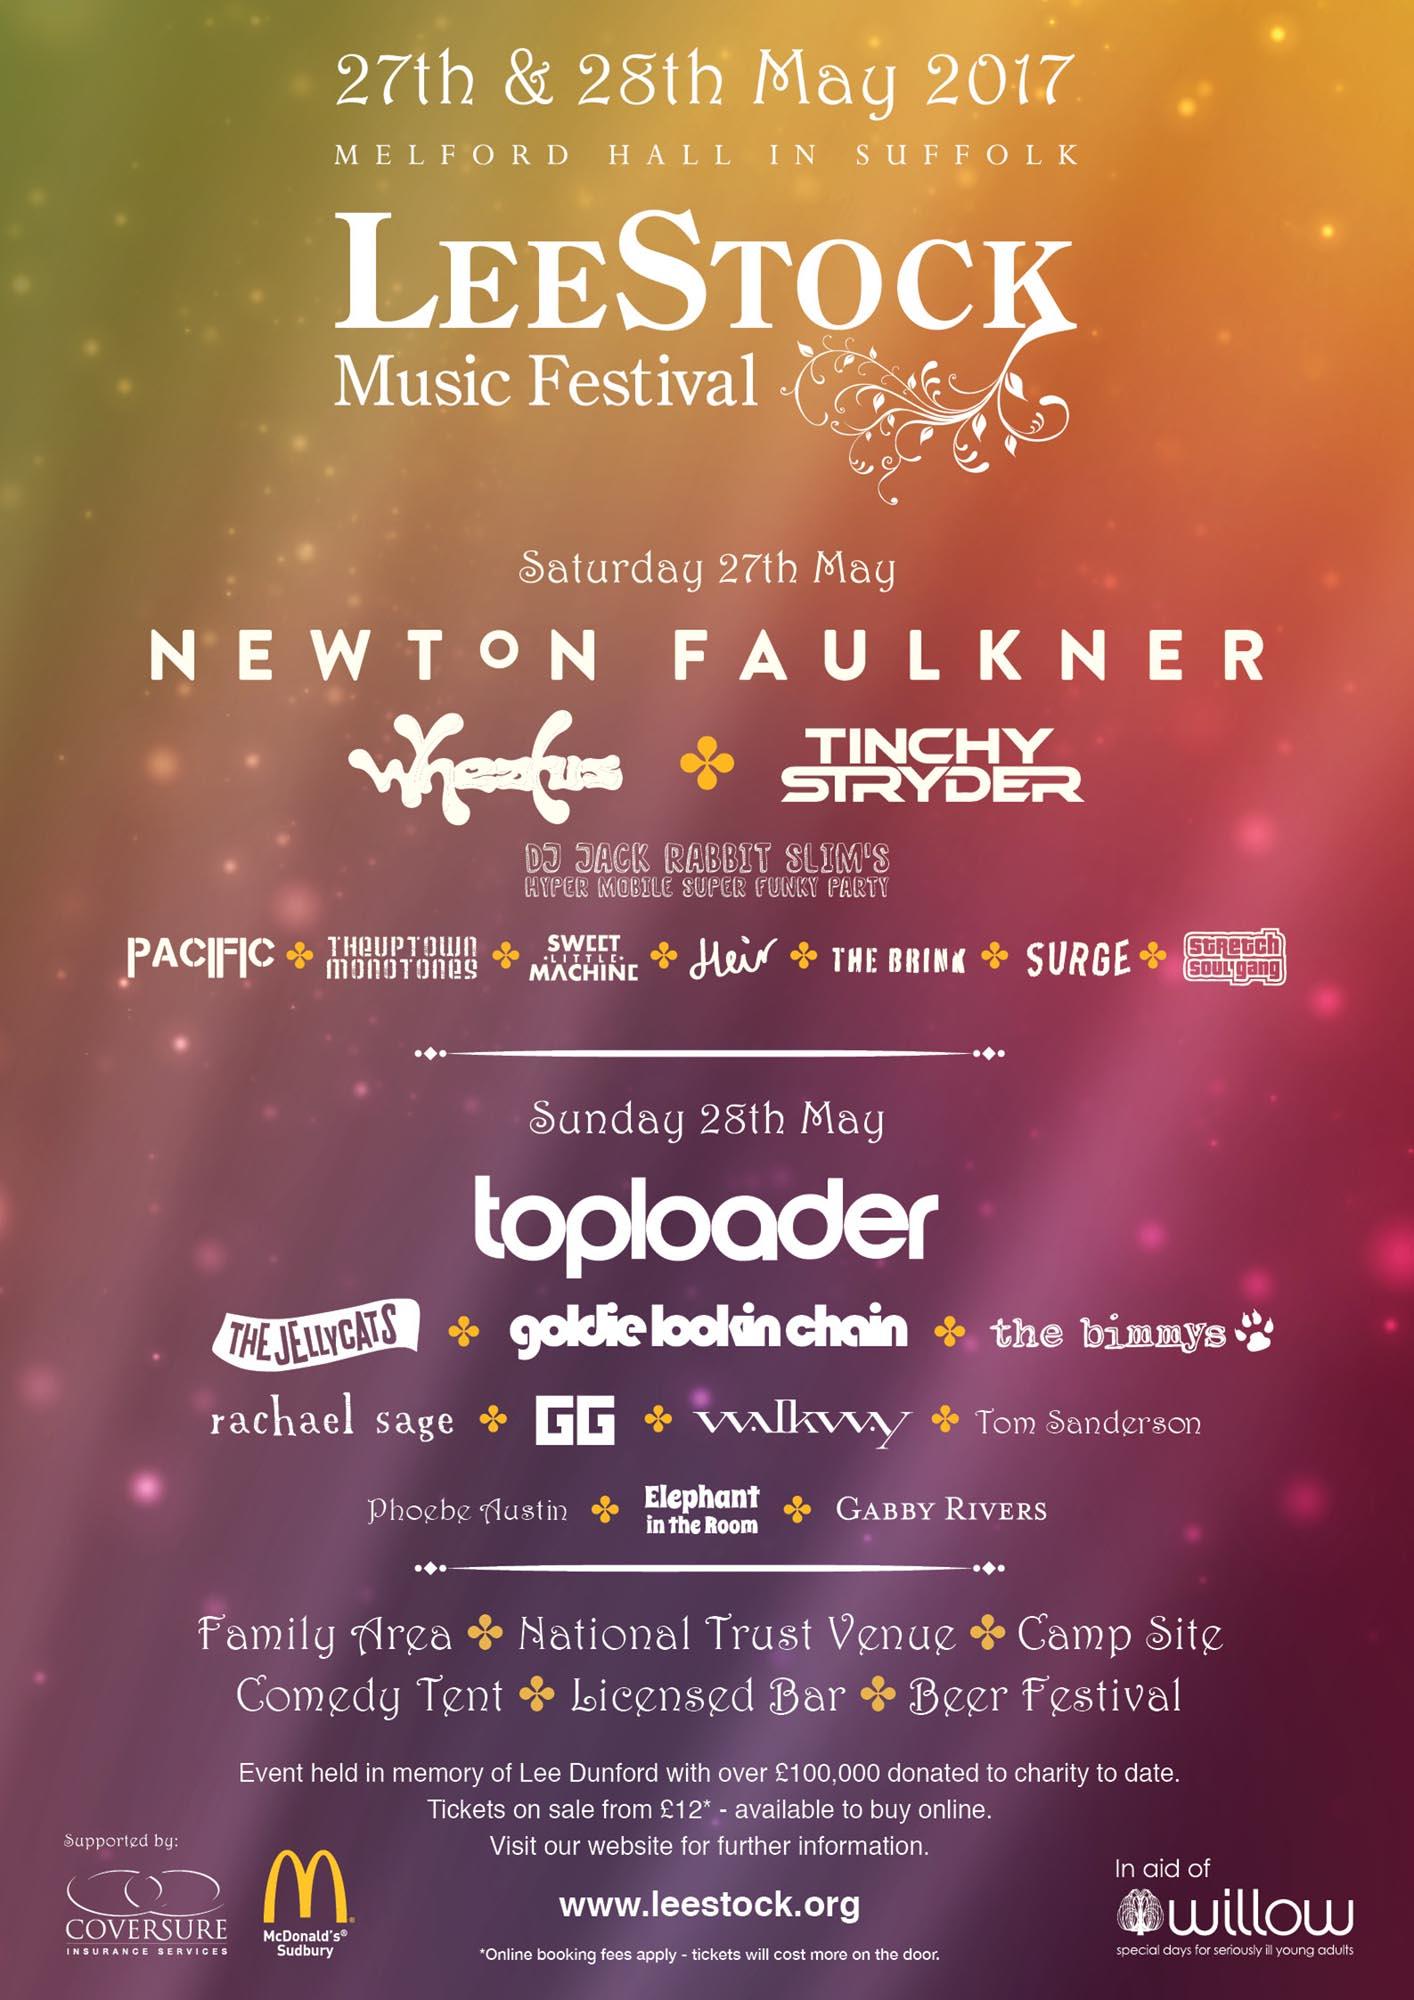 LeeStock 2017 Line up poster